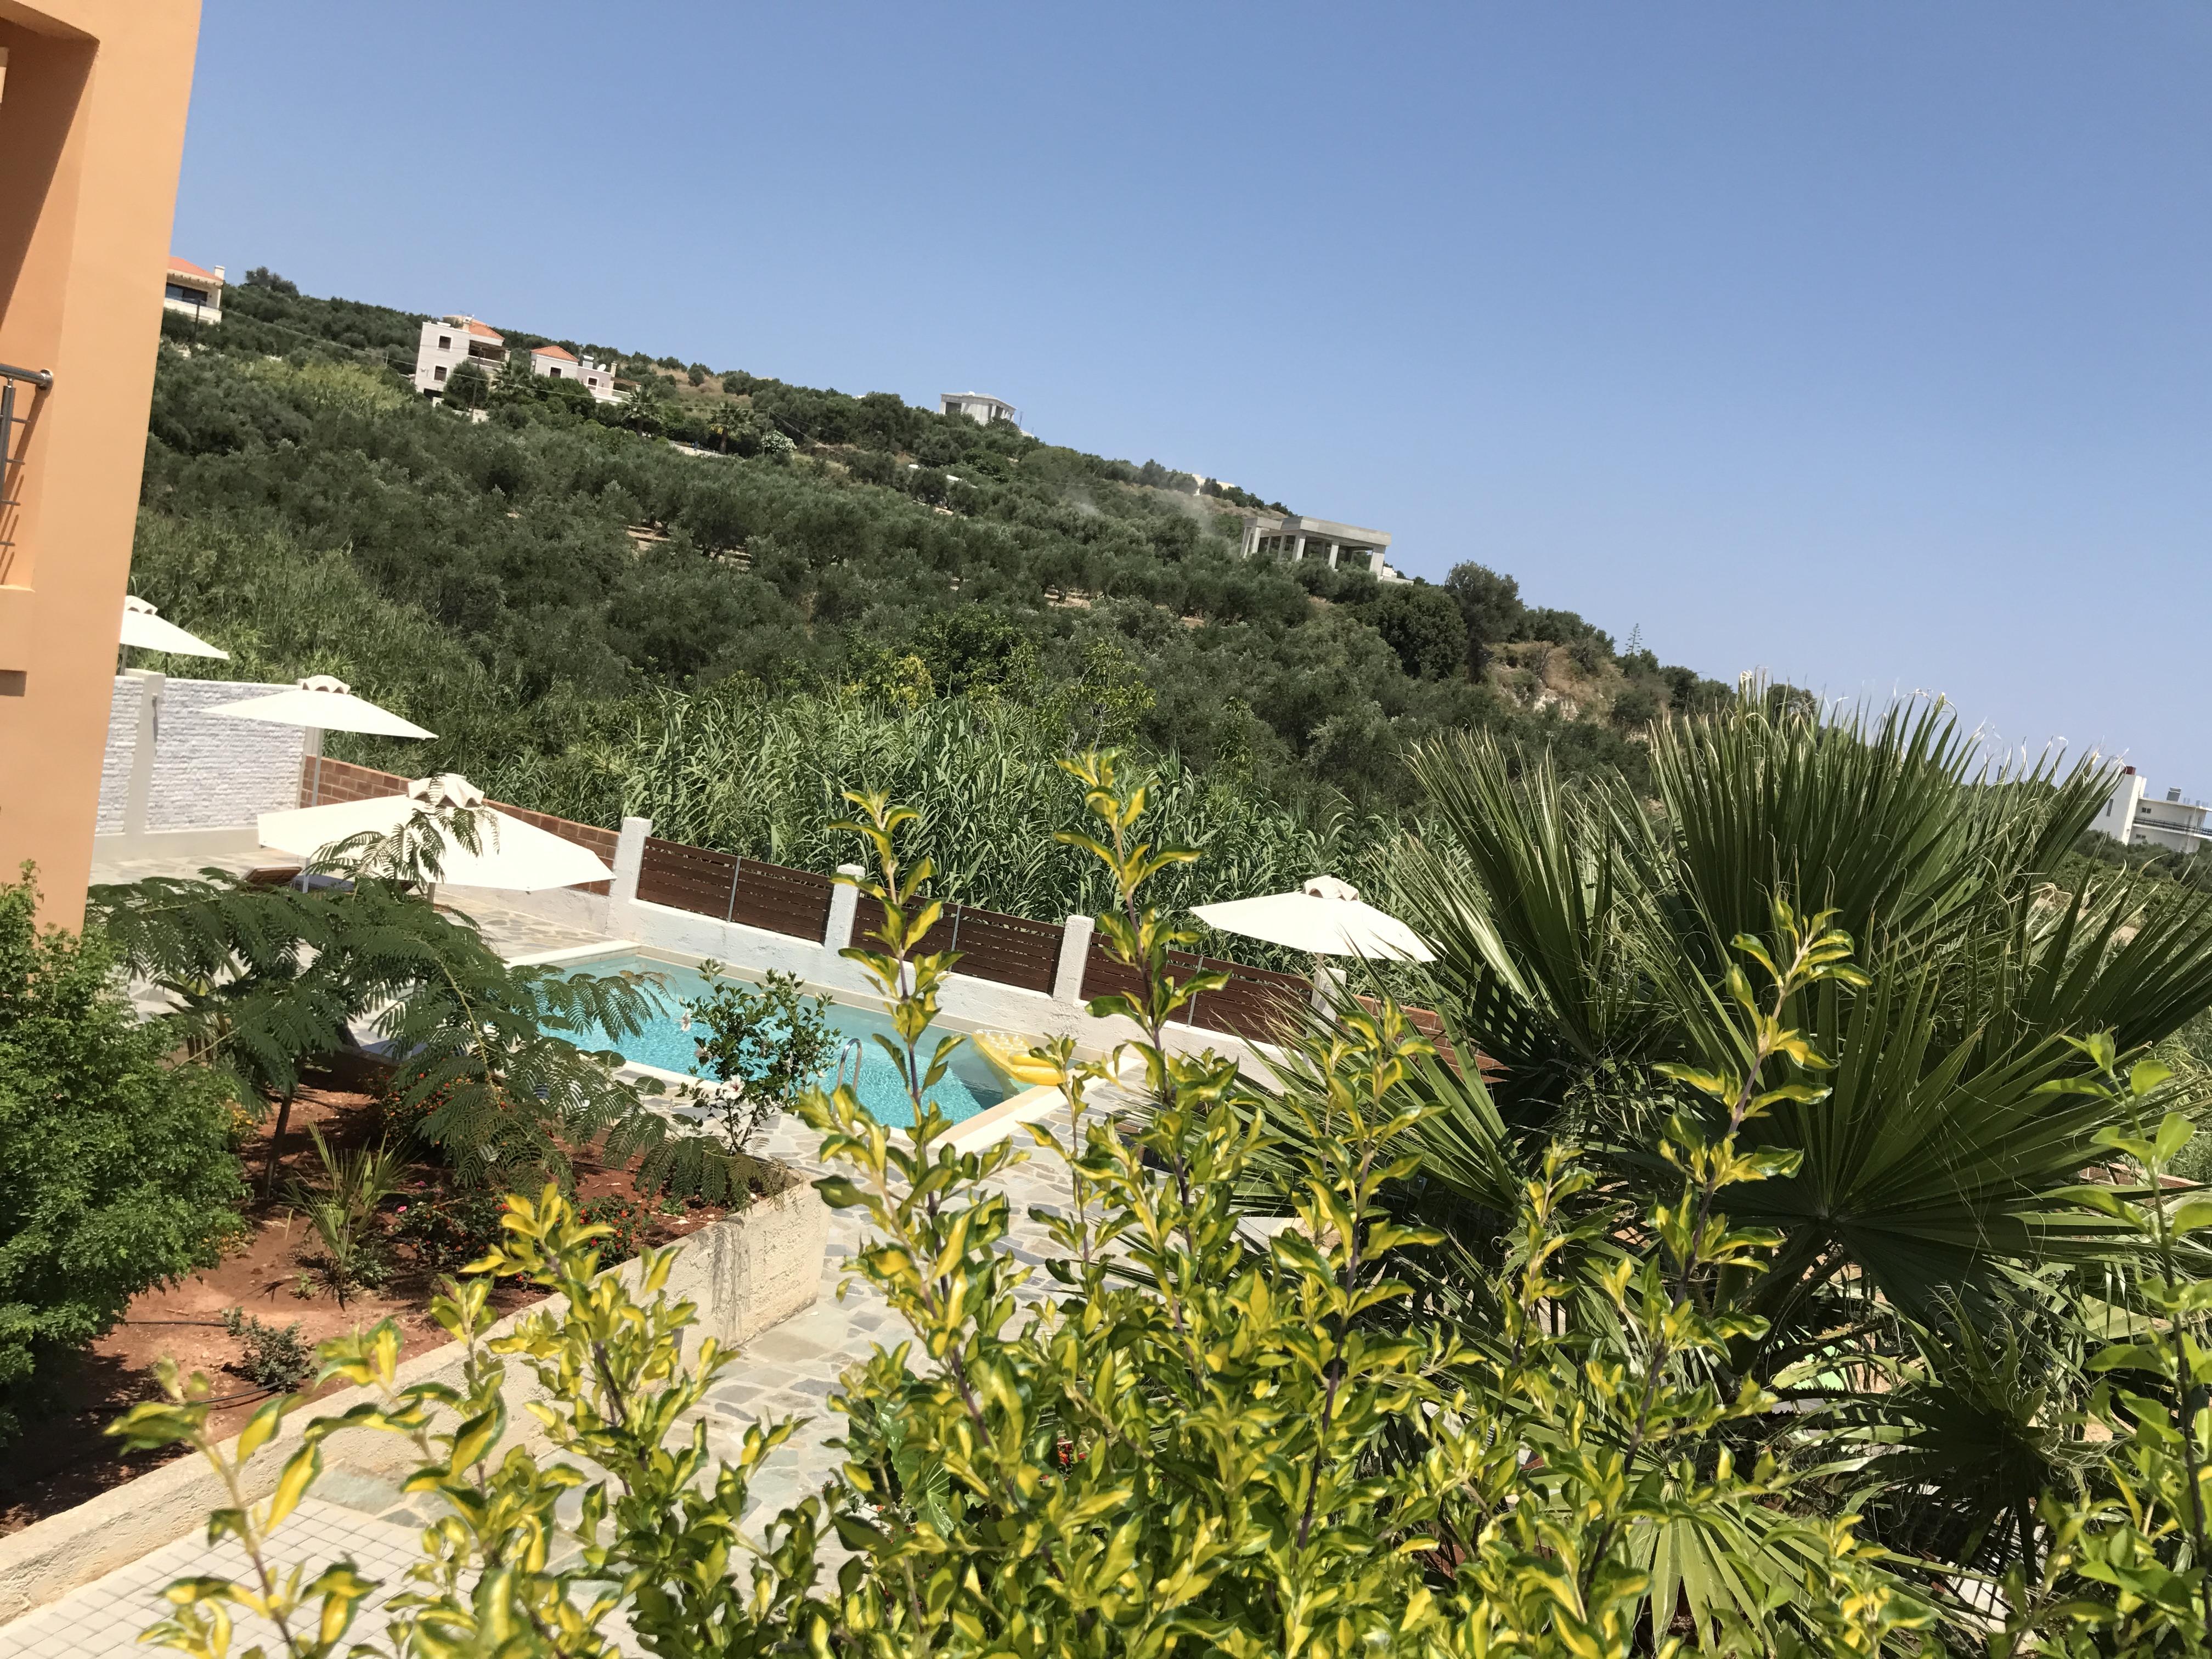 Ferienhaus Villa Katina mit privatem Pool in der Nhe von Almyrida (2125138), Neon Khorion Kriti, Kreta Nordküste, Kreta, Griechenland, Bild 26